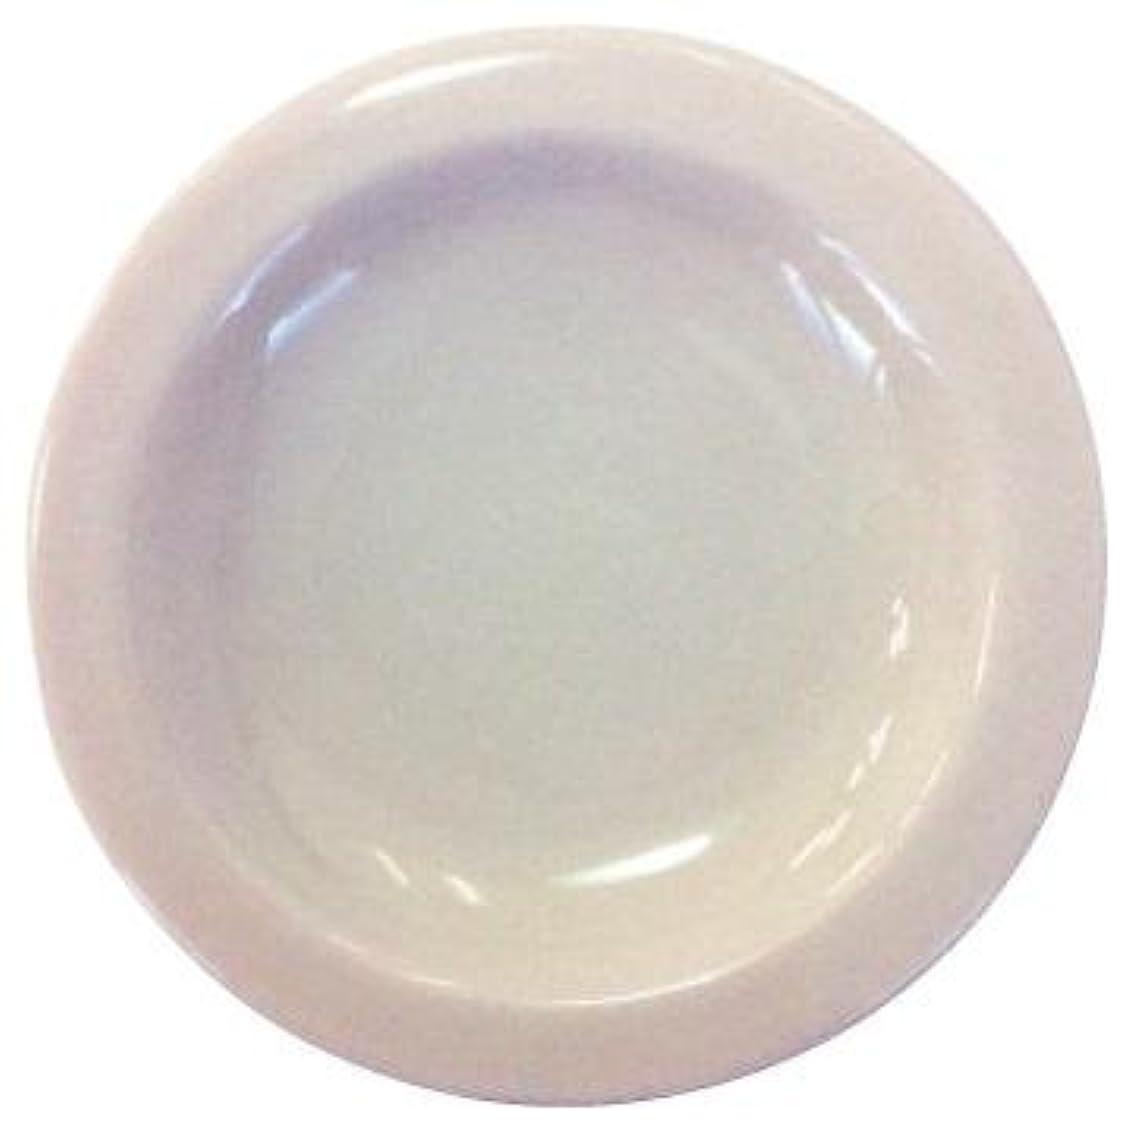 ヒューズマディソン篭生活の木 アロマランプL フラワー用精油皿(上皿)